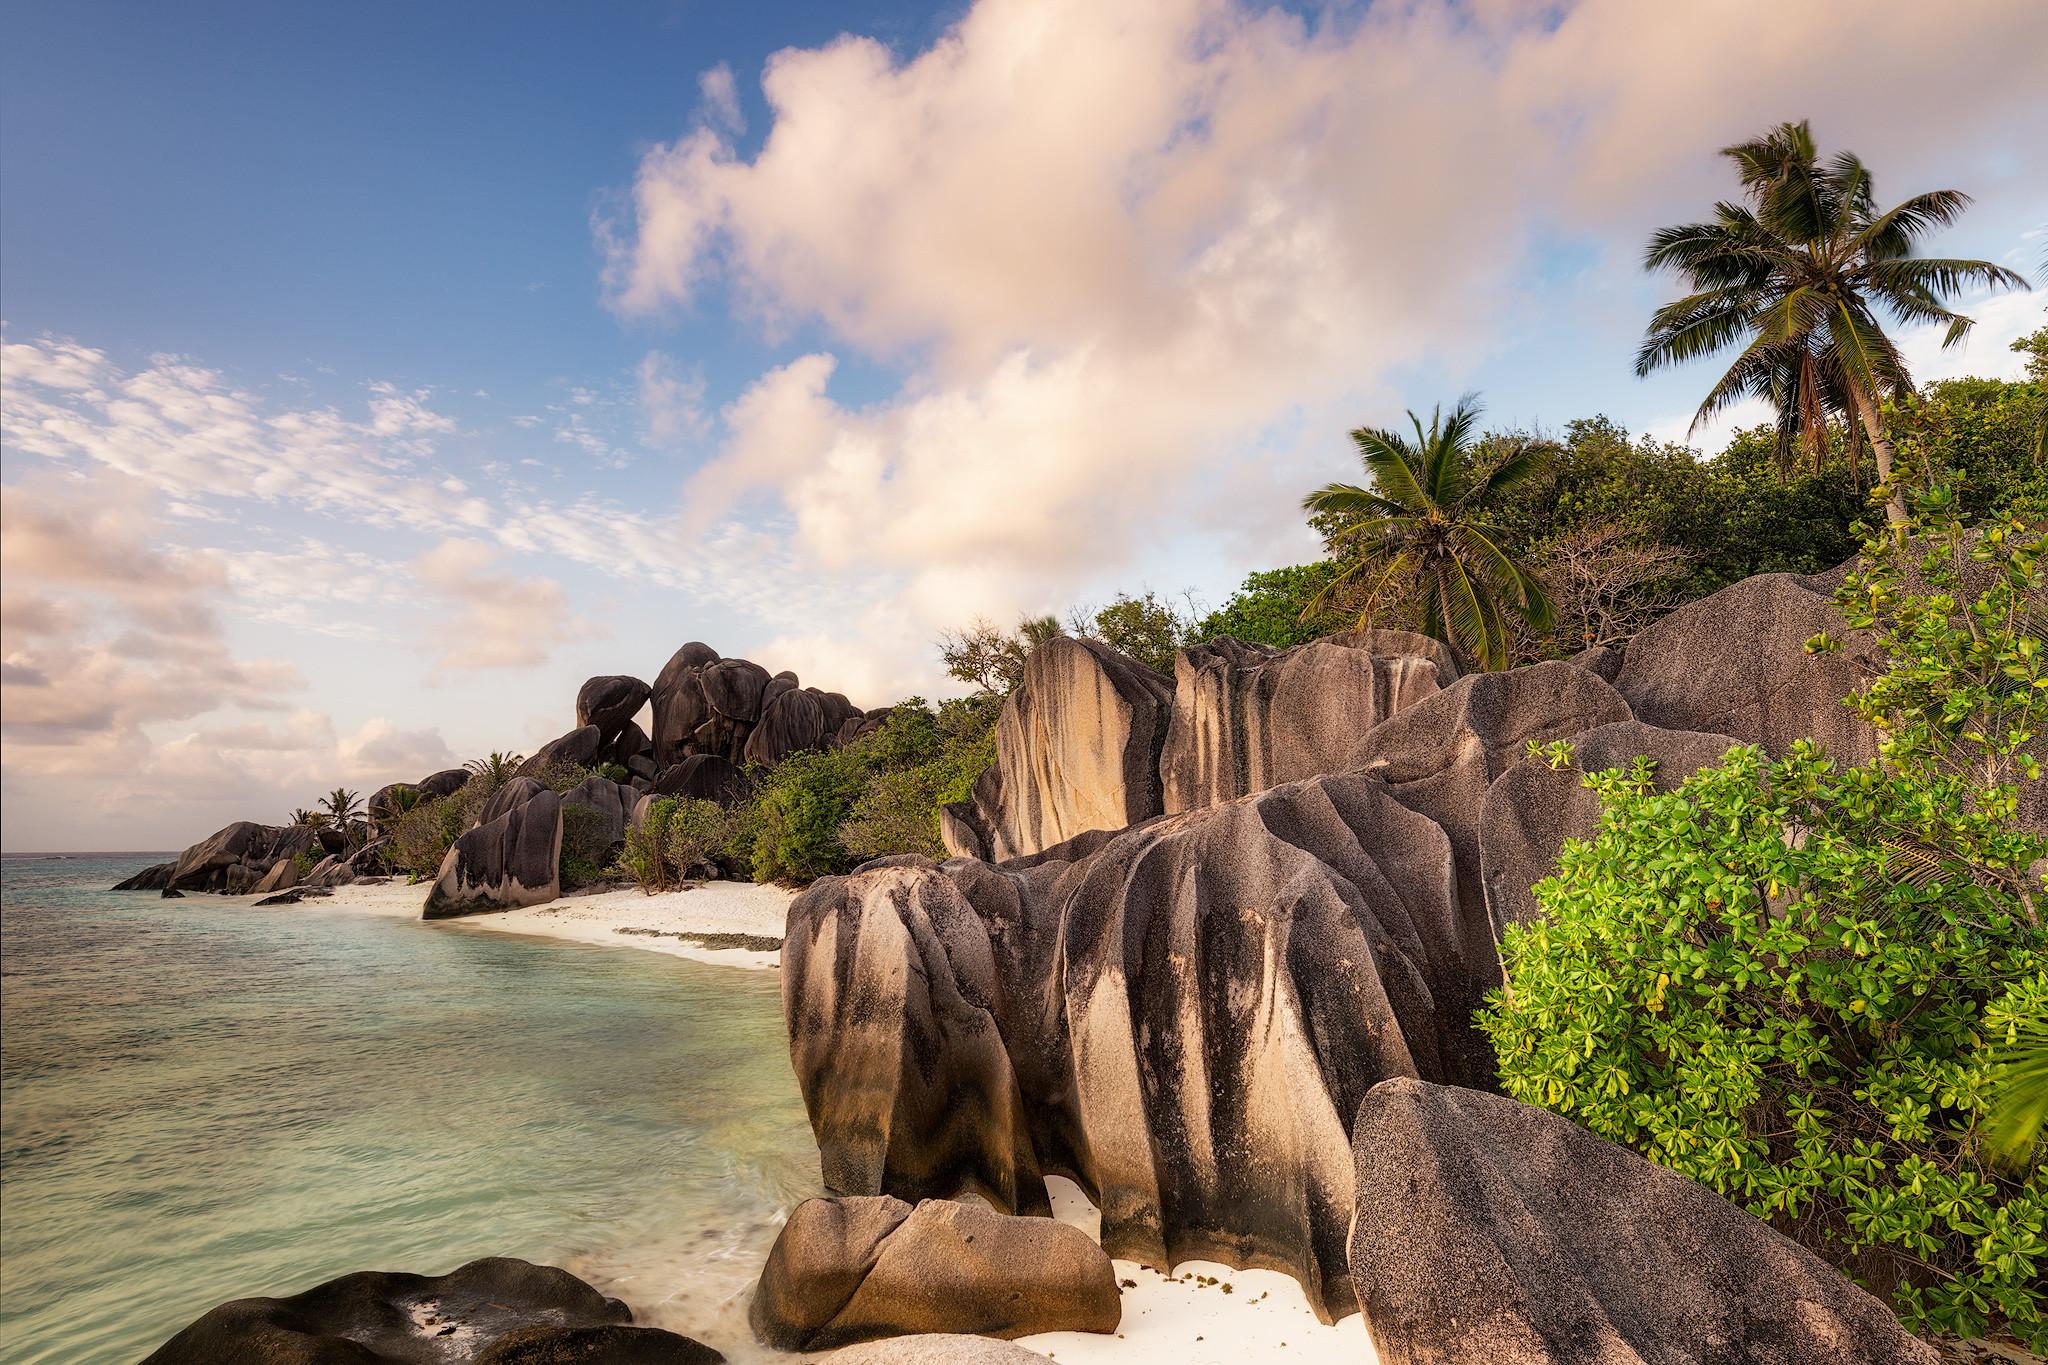 обои La Digue Island, Seychelles, море, скалы картинки фото